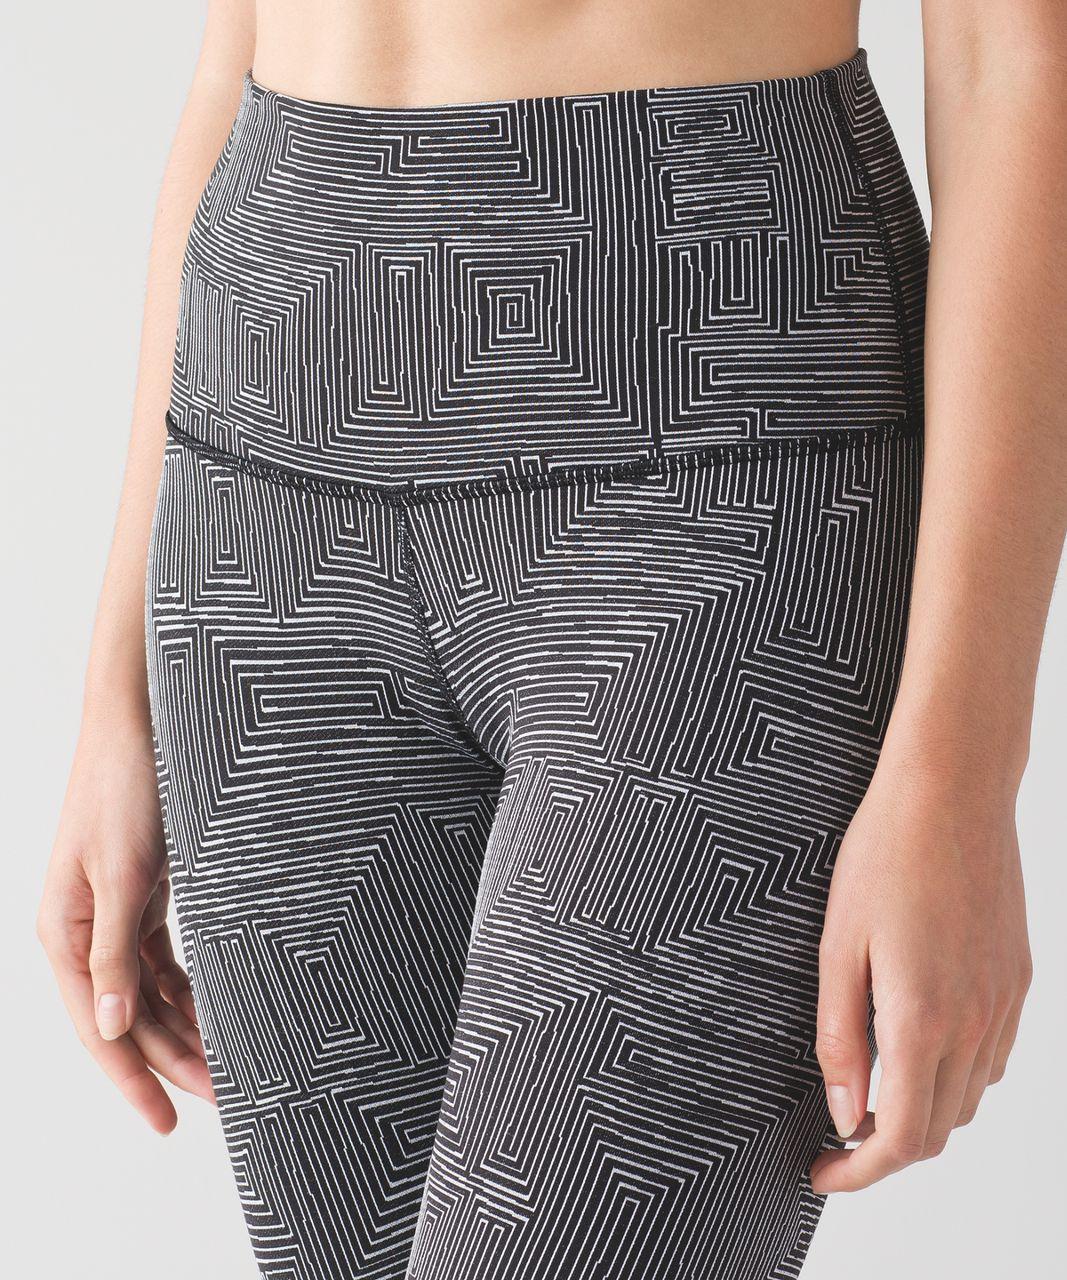 Lululemon Wunder Under Pant (Hi-Rise) - Maze Jacquard White Black